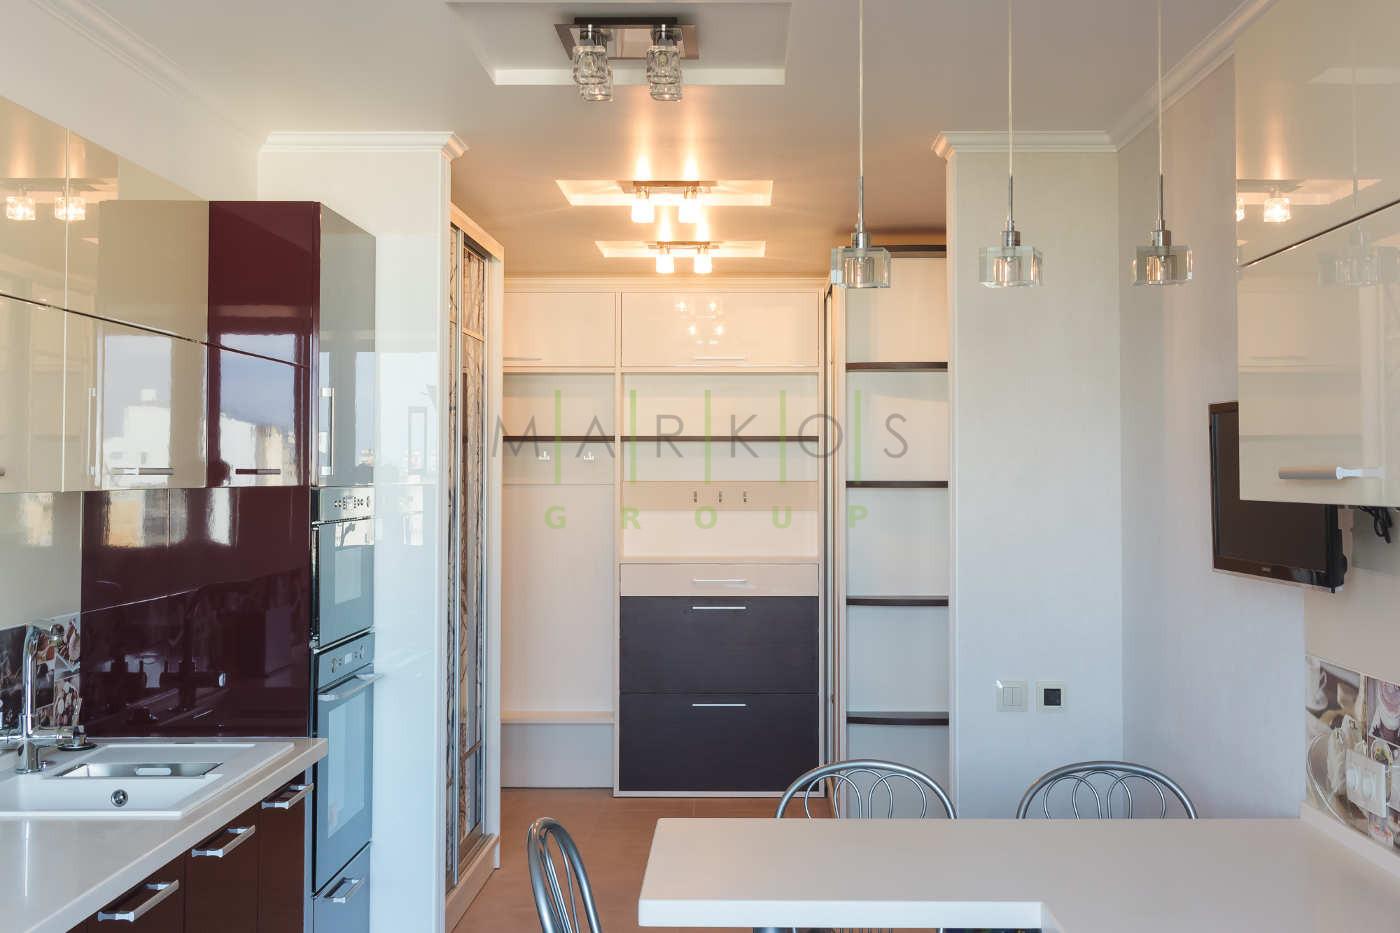 светло белая с бордовым цветом мебель для кухни изготовленная на заказ